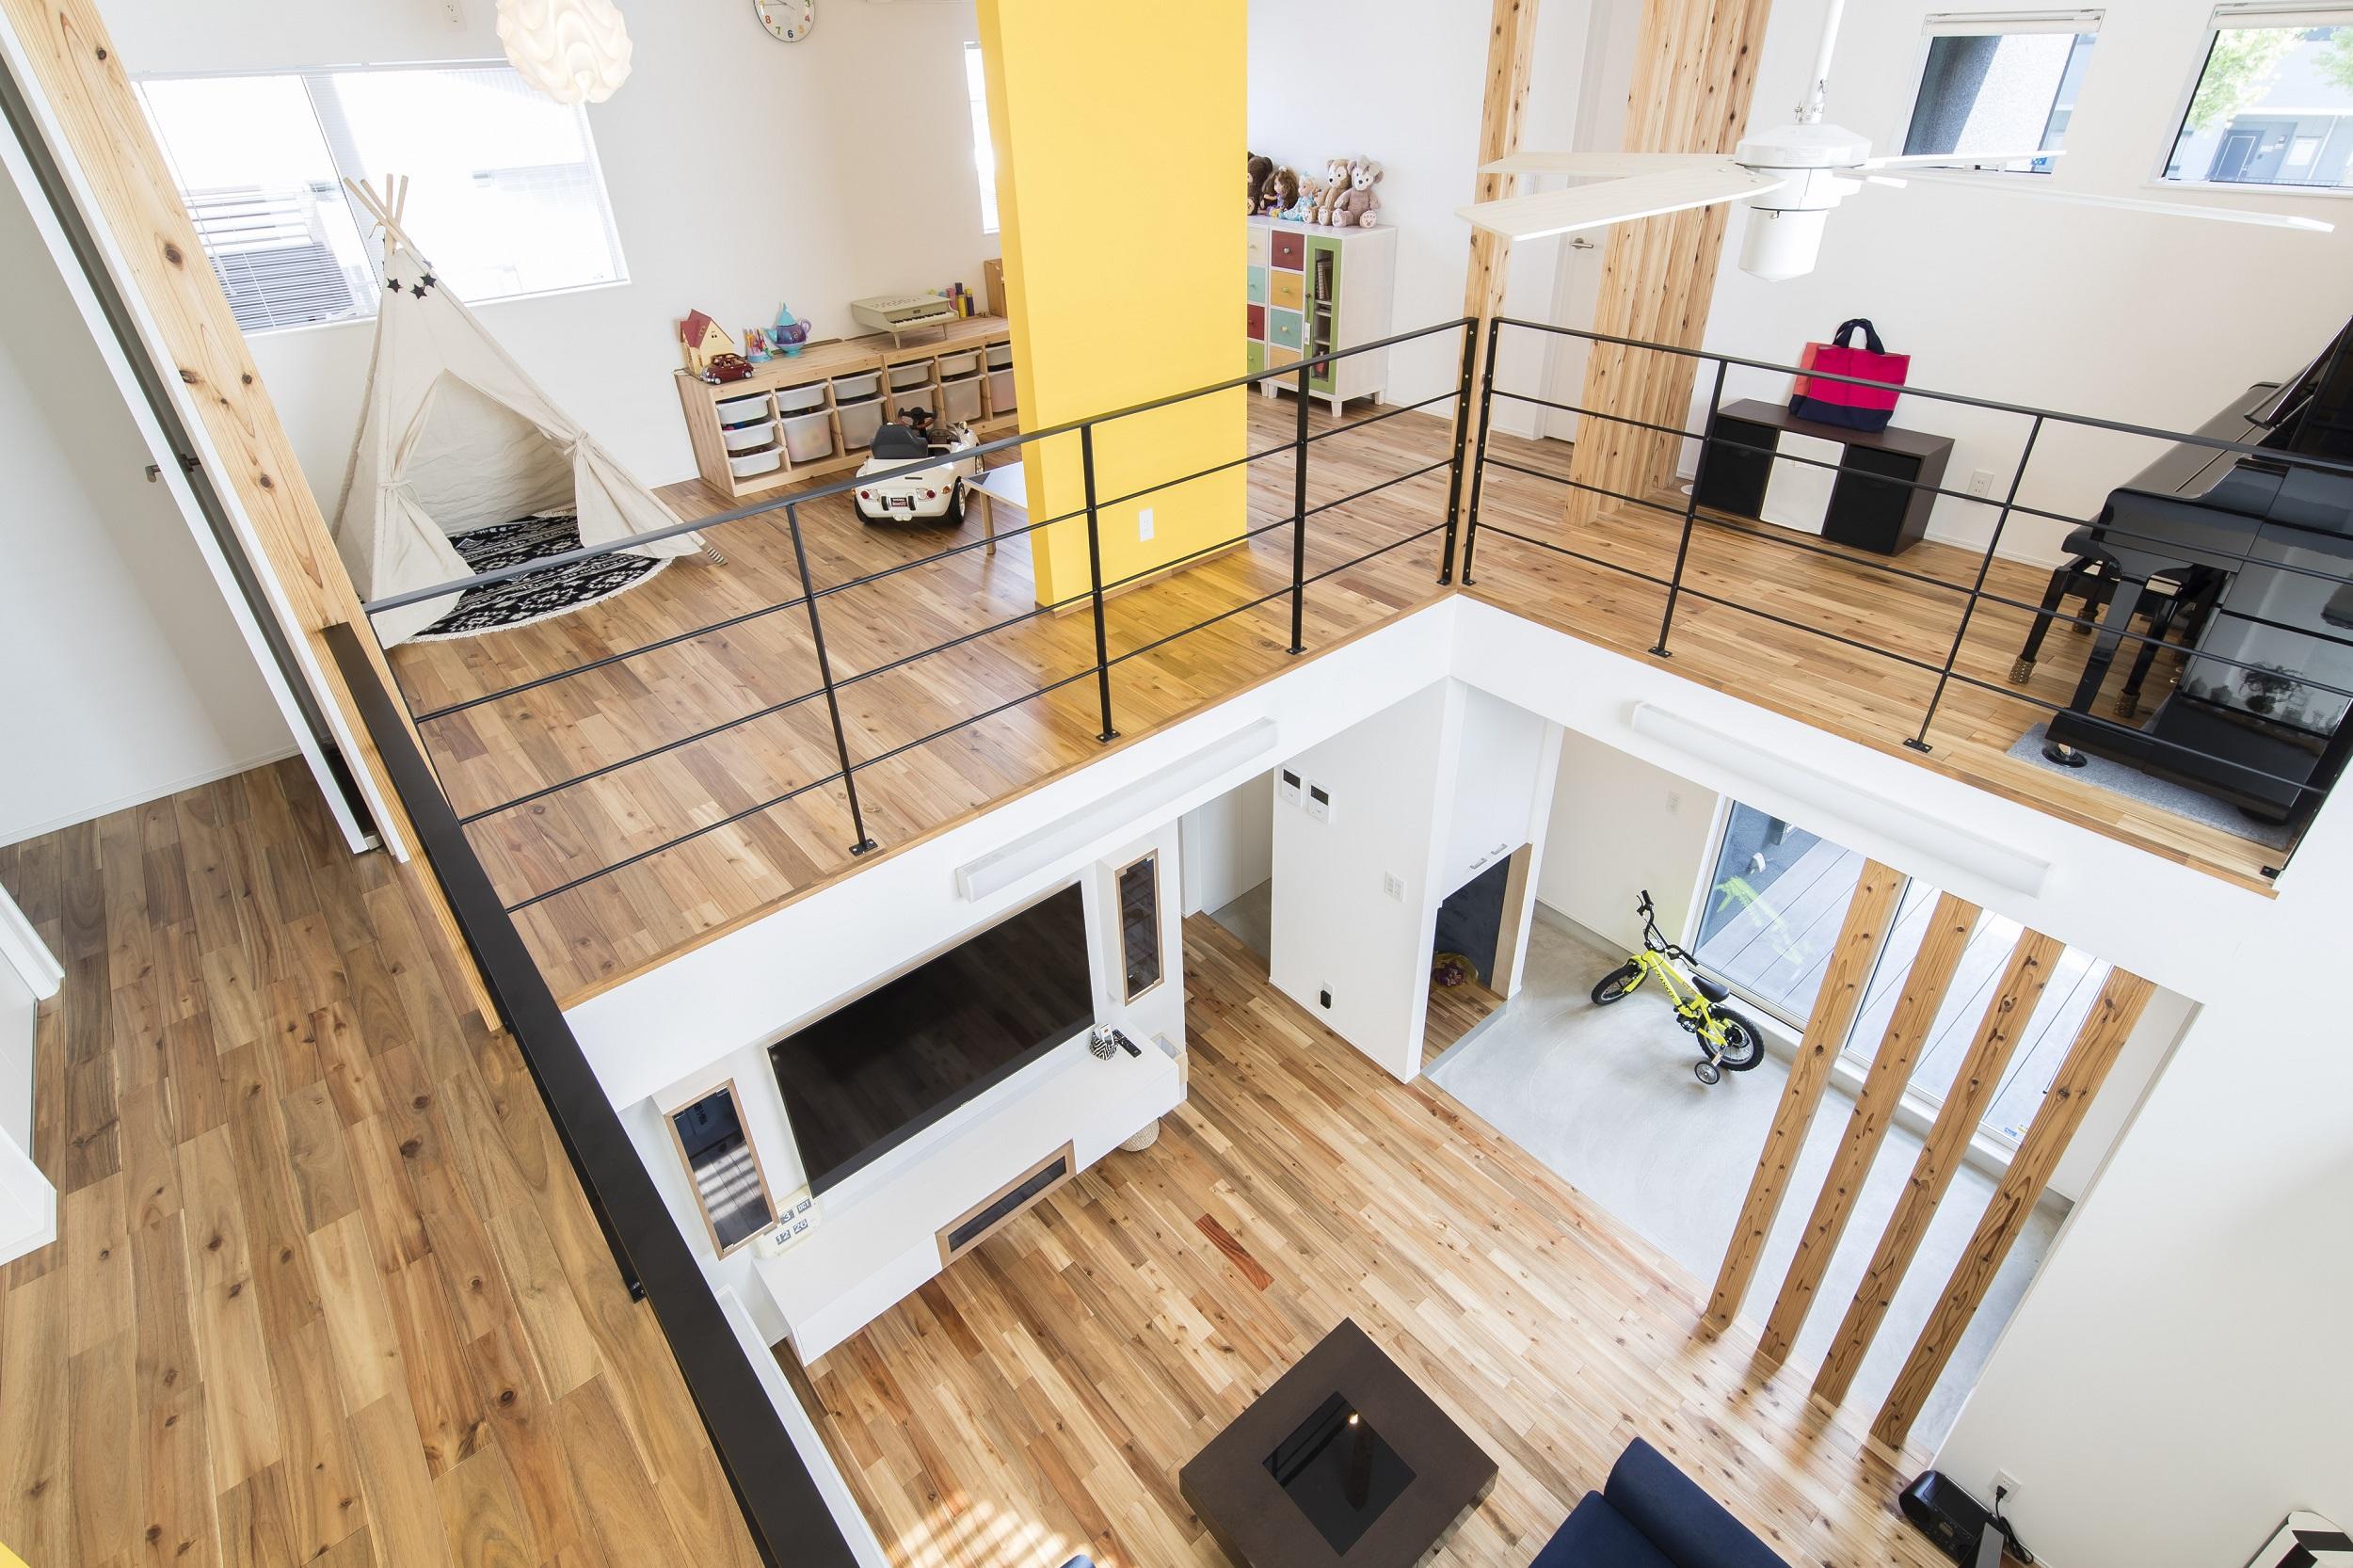 S.CONNECT(エスコネクト)【デザイン住宅、子育て、建築家】2階も仕切りを最低限に抑えて、オープンな間取りが実現。吹抜けを囲む2階のフリースペースで、子どもたちは空間を自由自在に使ってフレキシブルに楽しんでいる